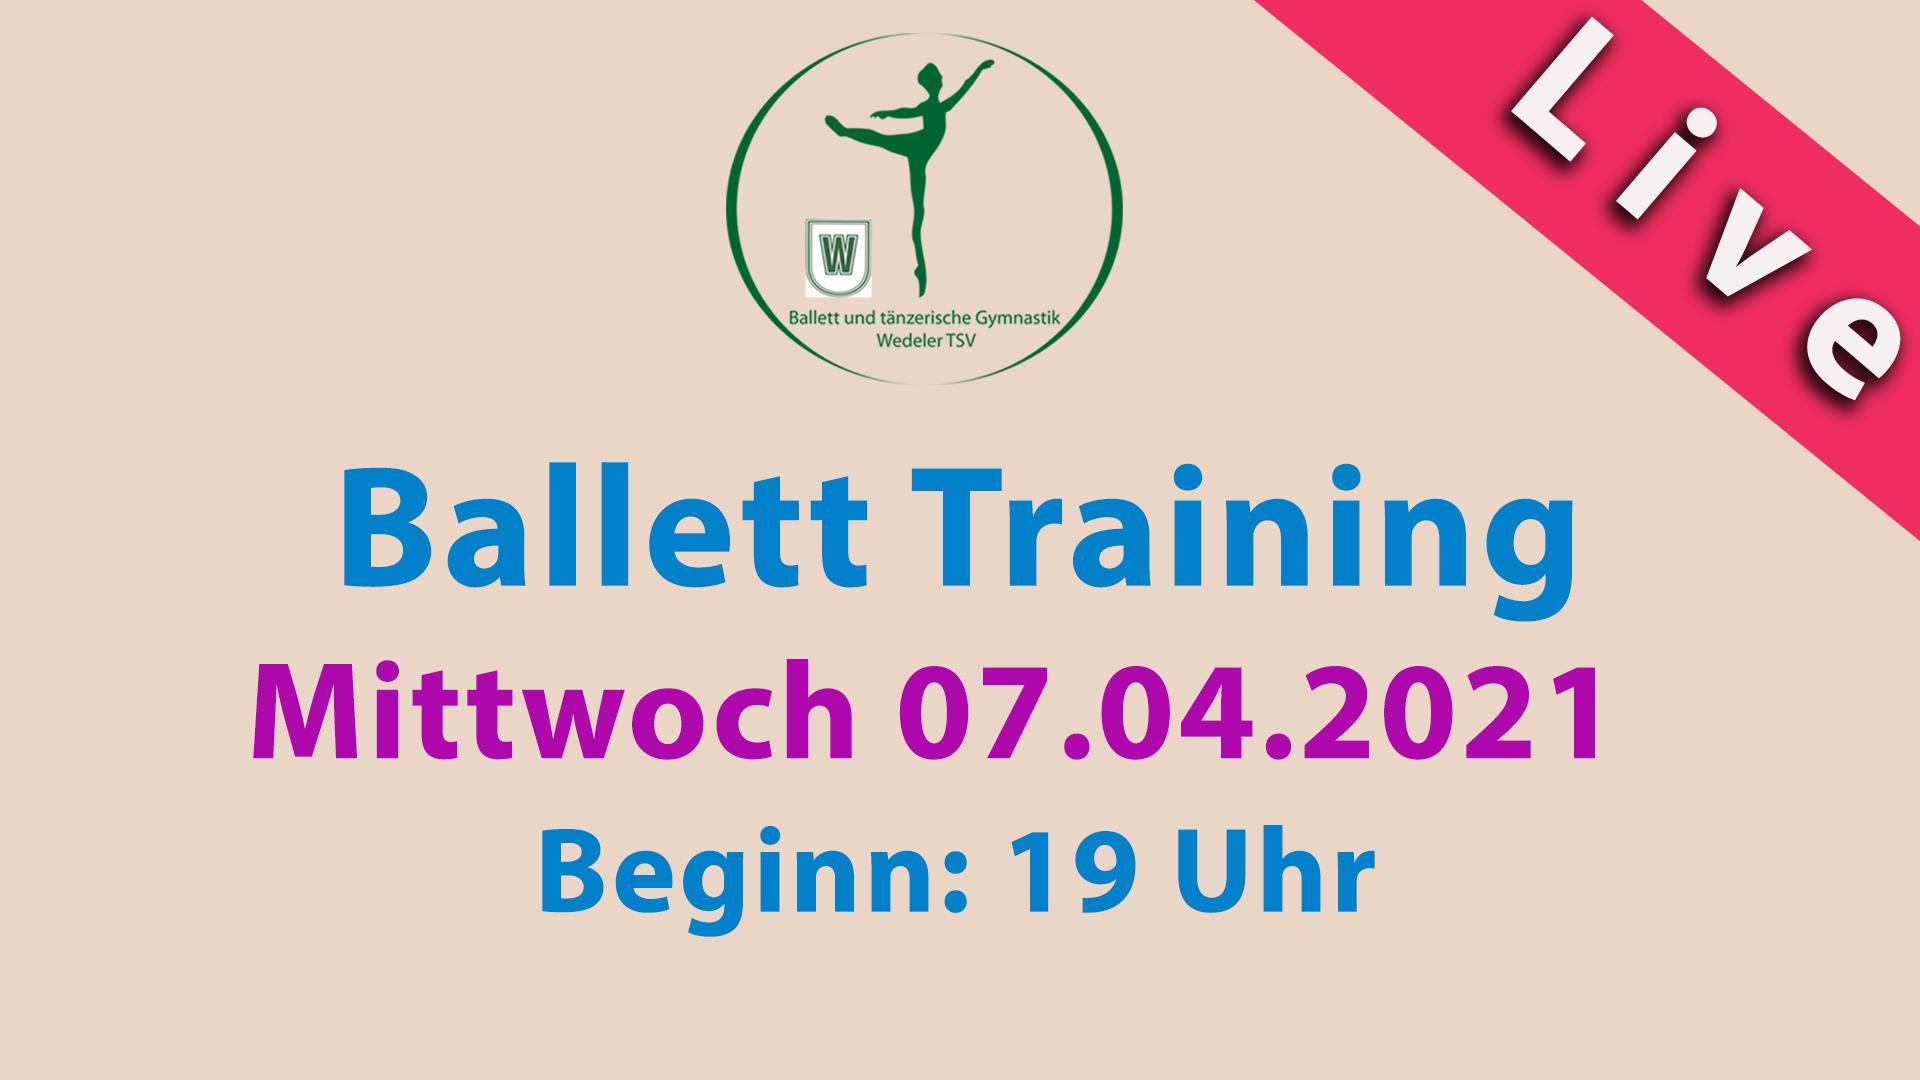 Ballett Training Livestream | Mi 07.04.2021 | 19 Uhr